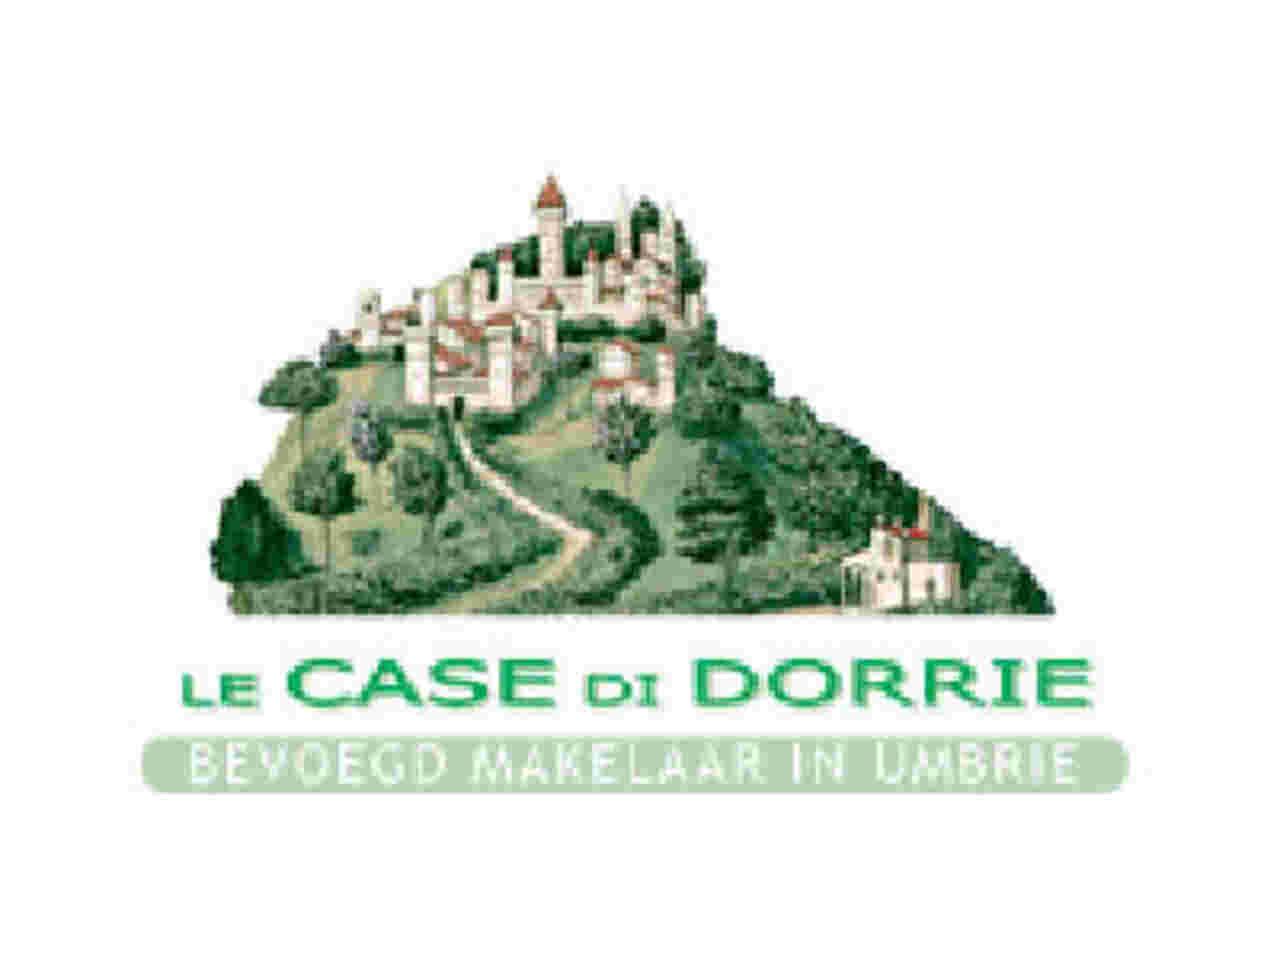 Le Case di Dorrie, Italie